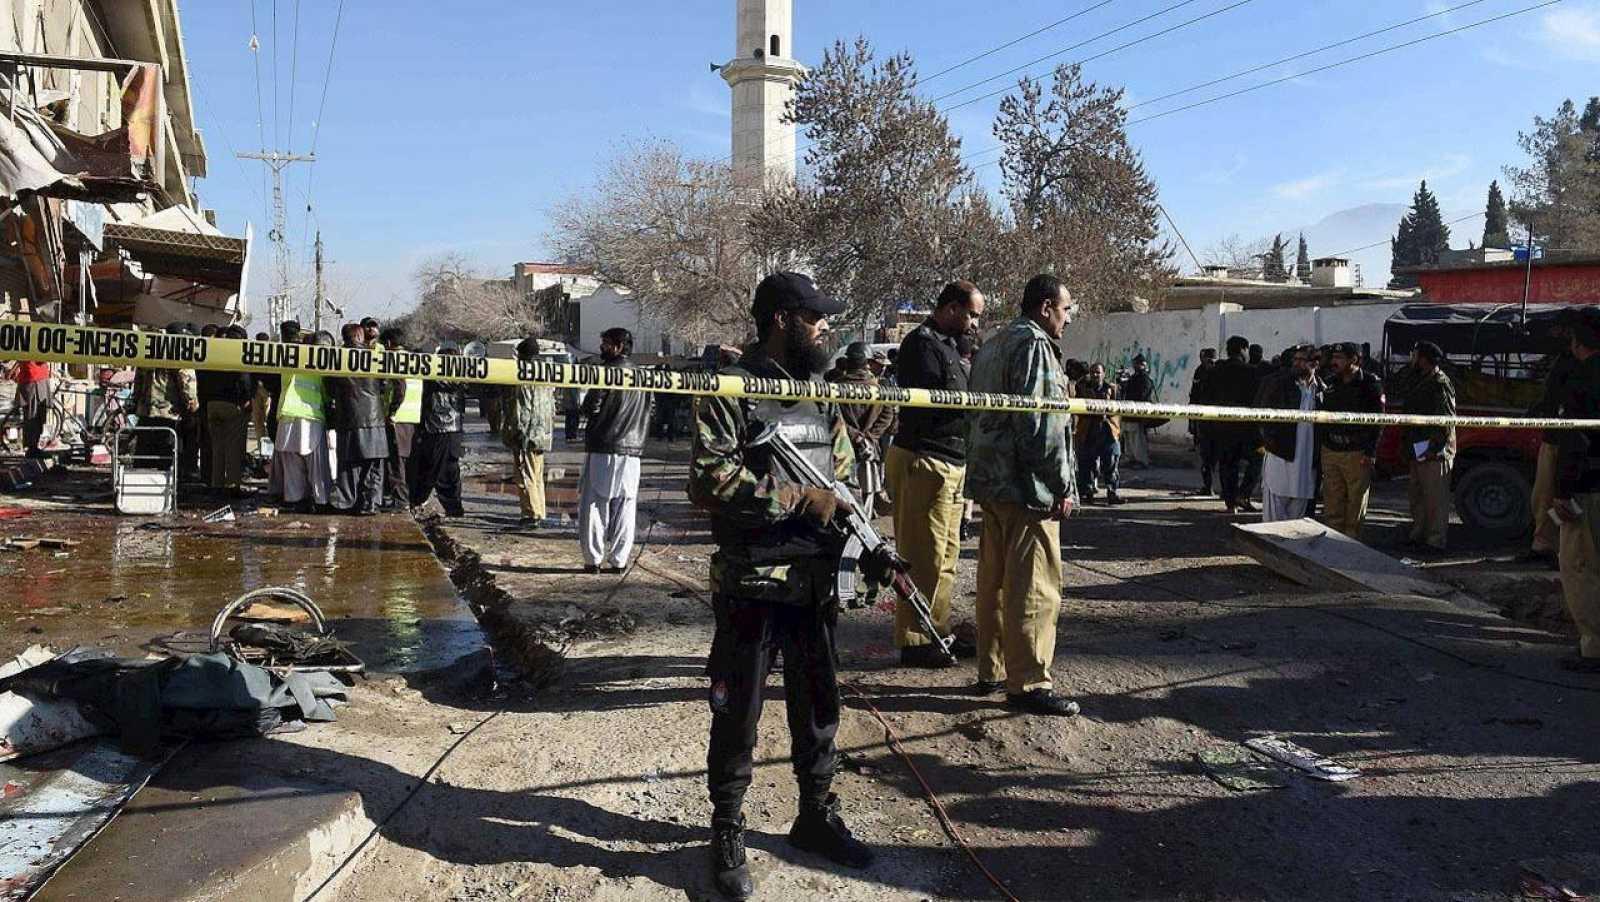 Fuerzas de seguridad paquistaníes en el lugar del atentado cerca de un centro de vacunación contra la polio, en Quetta, Baluchistán, el 13 de enero de 2016. AFP PHOTO / BANARAS KHAN